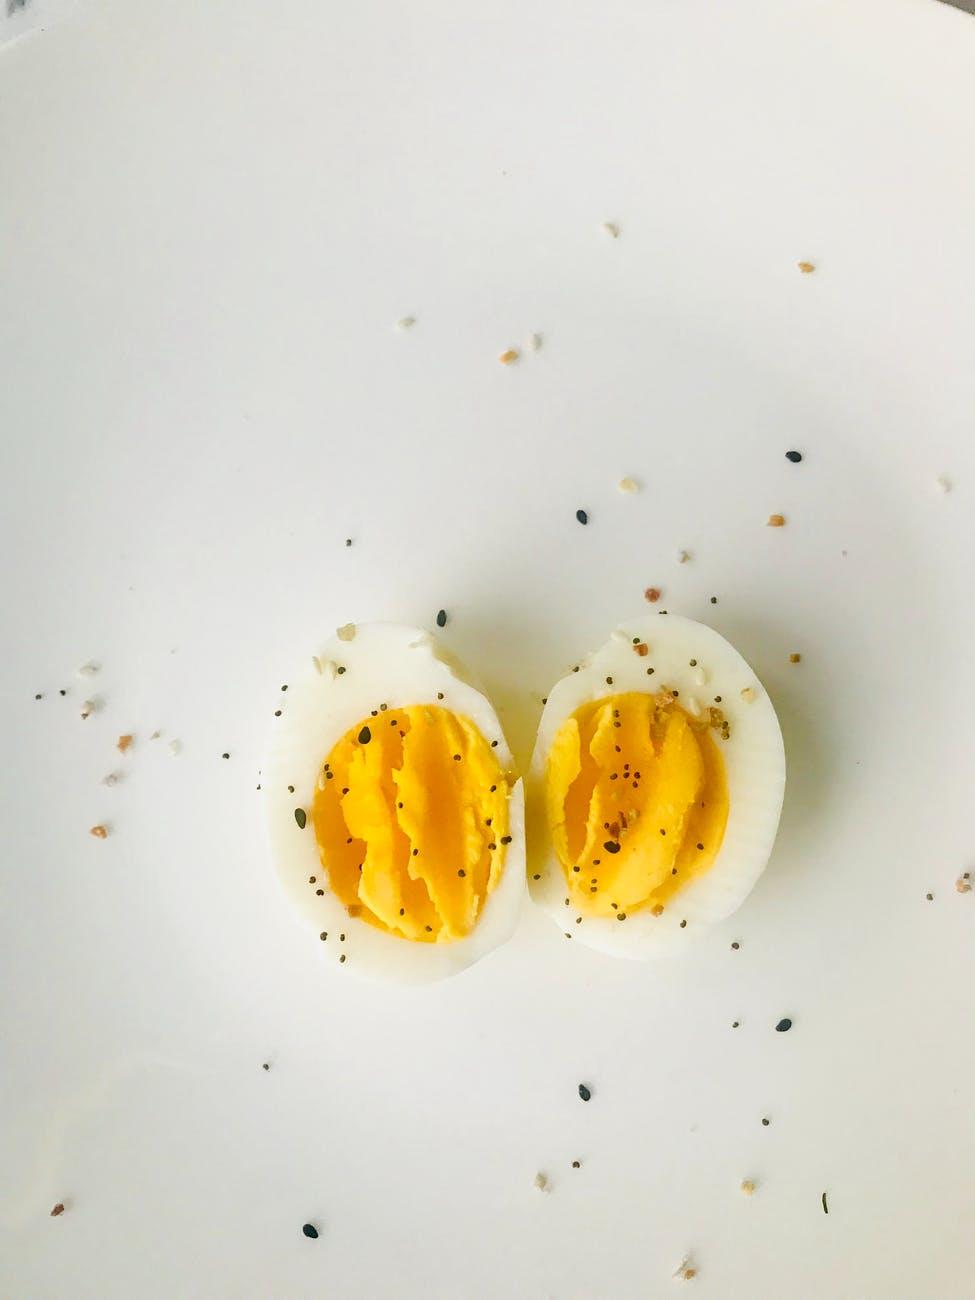 Νέα έρευνα: Τα αβγά το πρωί κάνουν καλό στονεγκέφαλο!